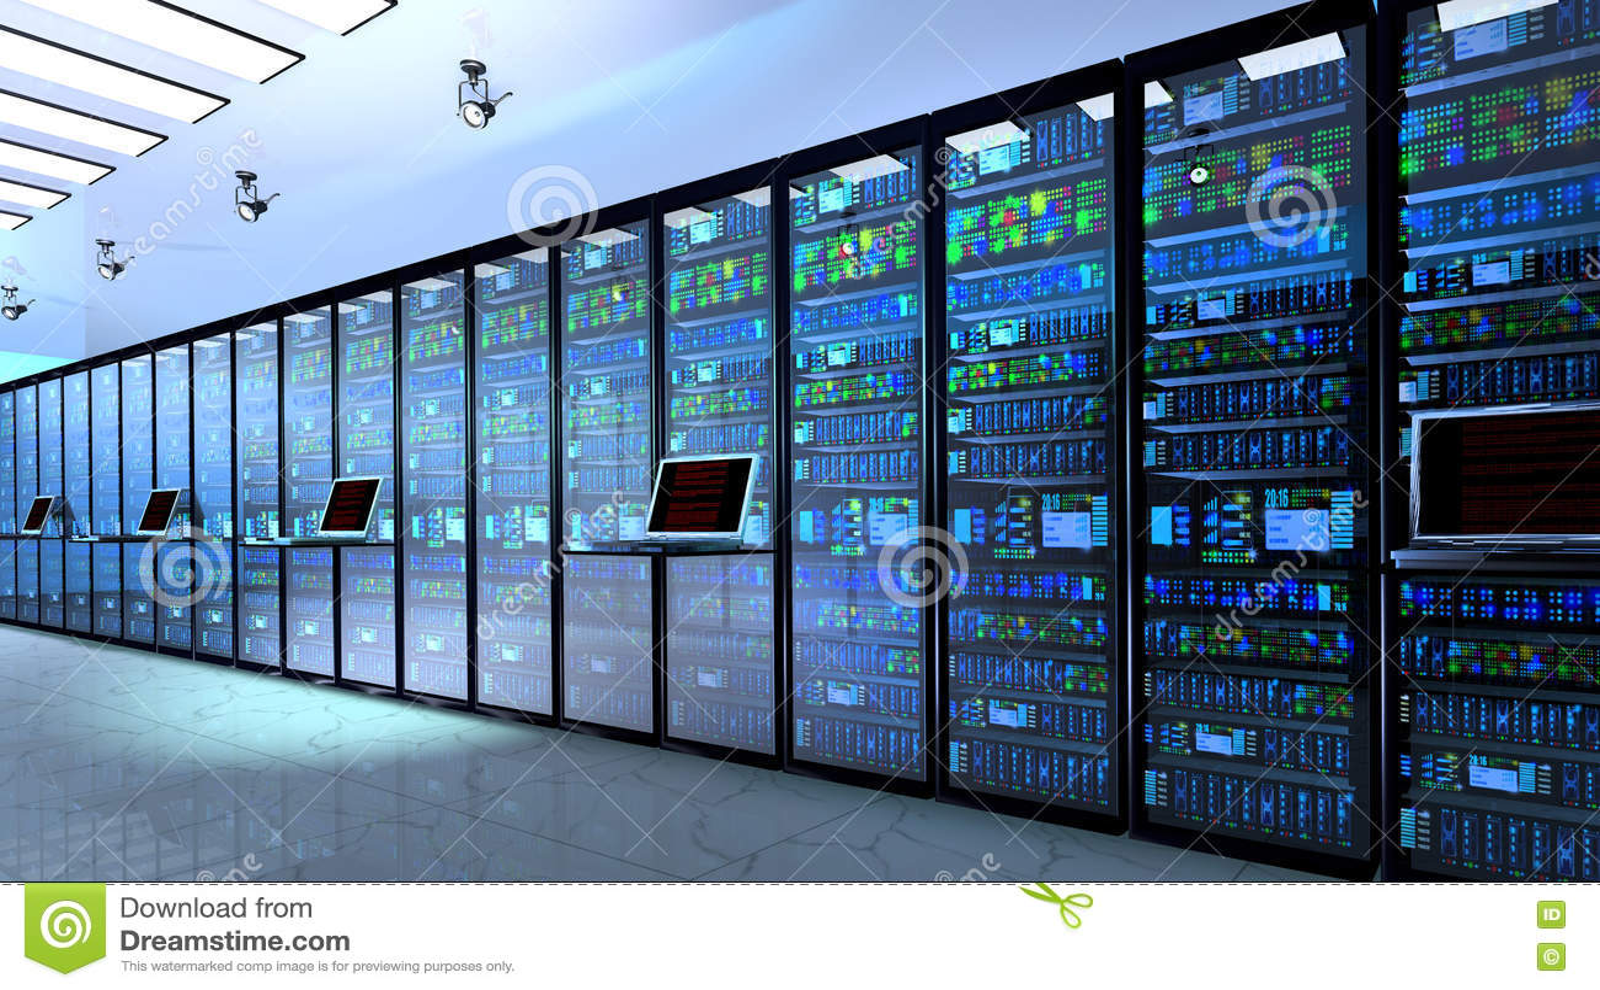 Serverraum im datacenter, Raum ausgerüstet mit Datenservern